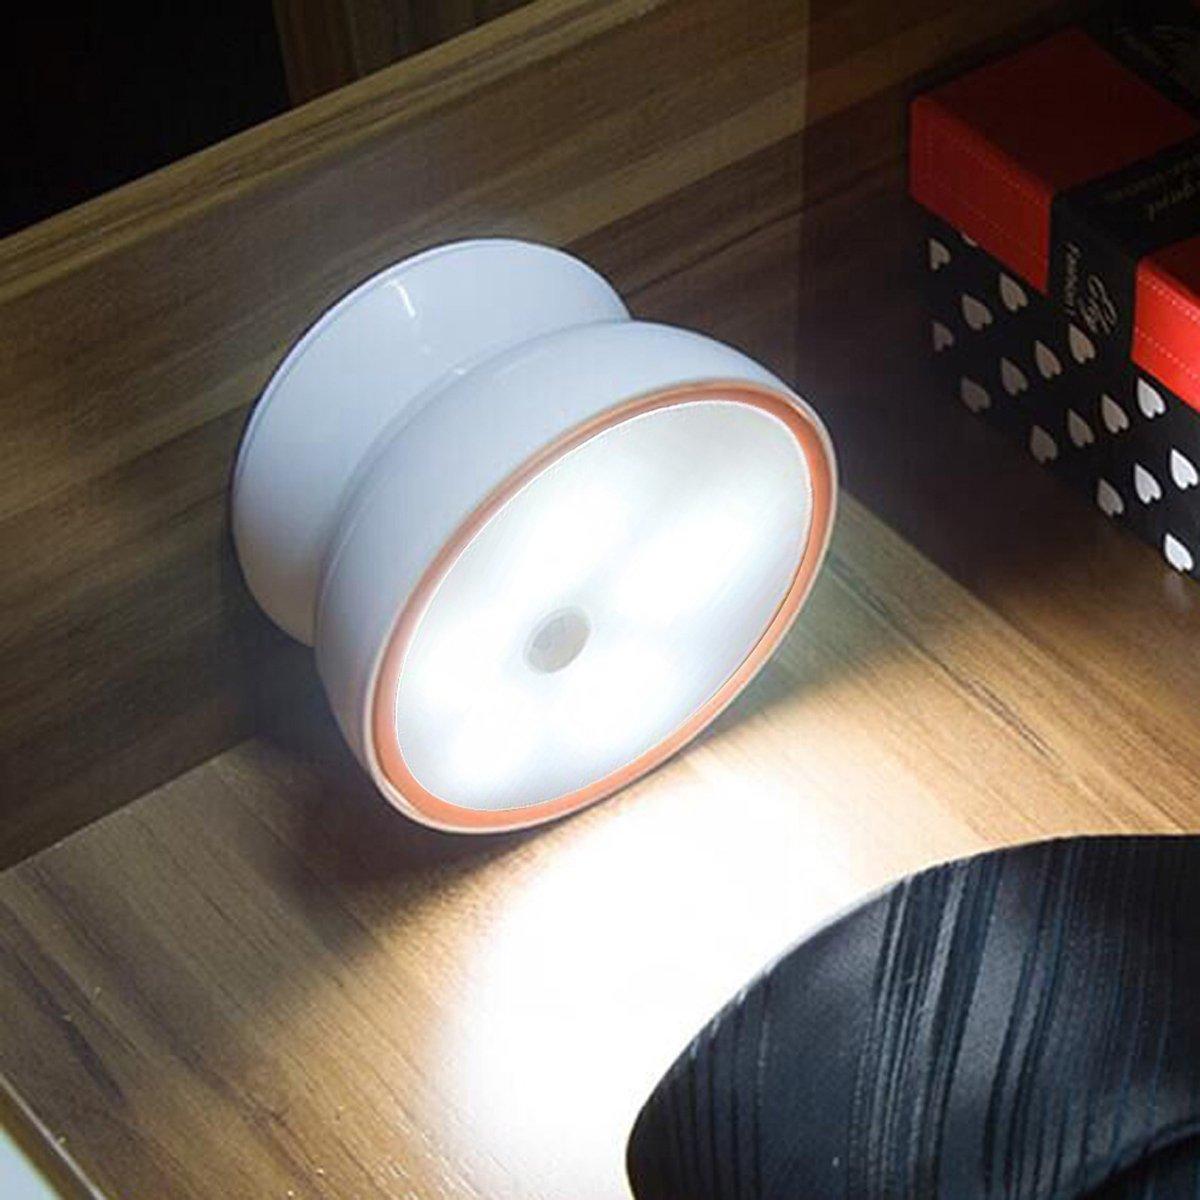 360 °回転センサー夜間ライトバッテリーPowered motion-activated LEDライトwith Back粘着磁気接続スティックオンforキッチン階段パスwashroom-white MON-MSNL01CW B01L3ZNLJC 18480 ホワイト ホワイト